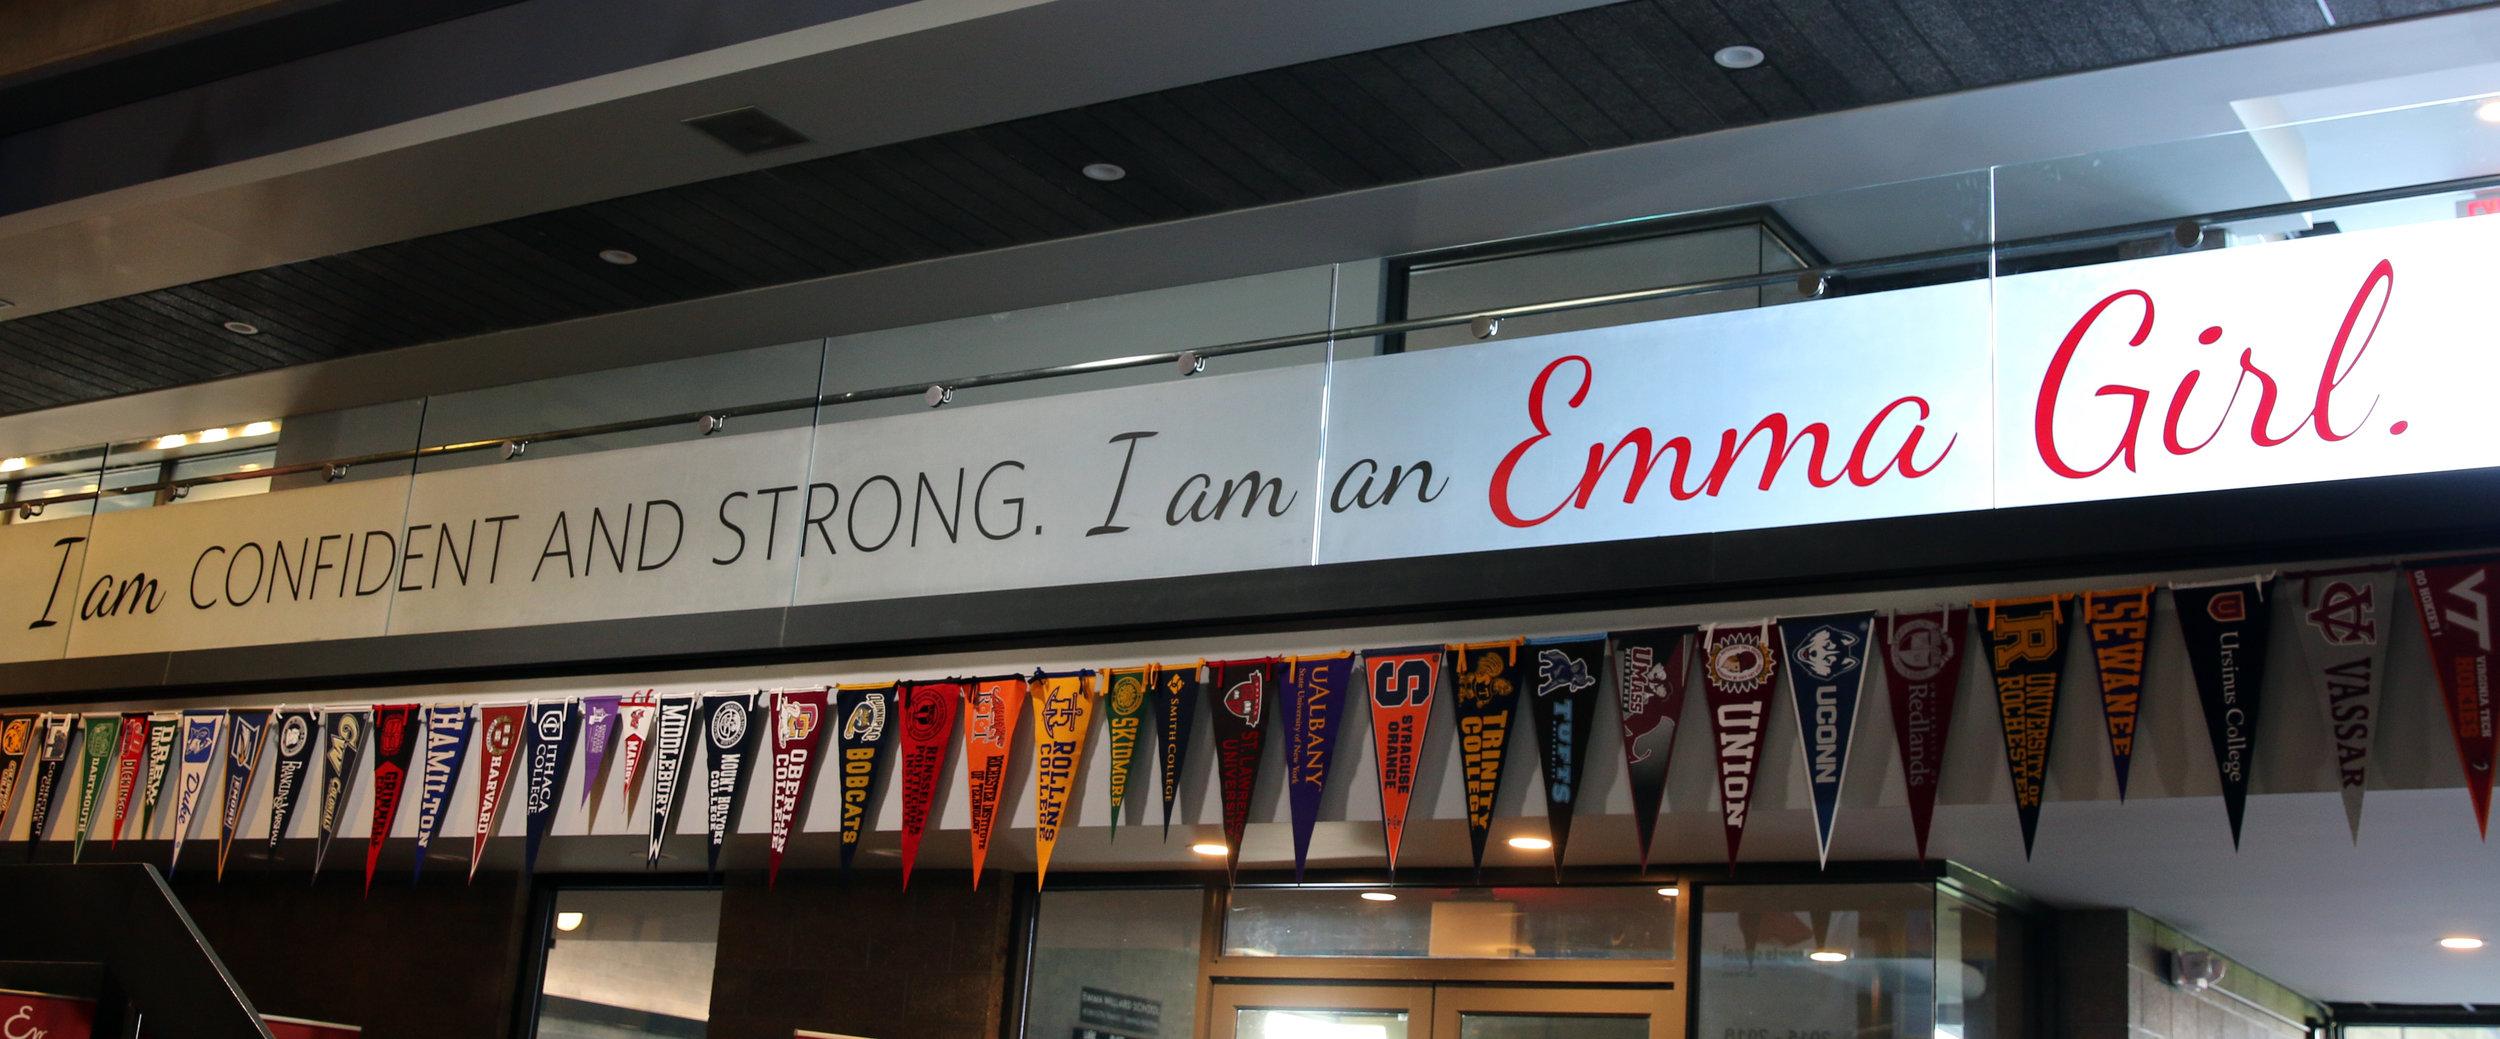 Emma_gym_signage1.jpg